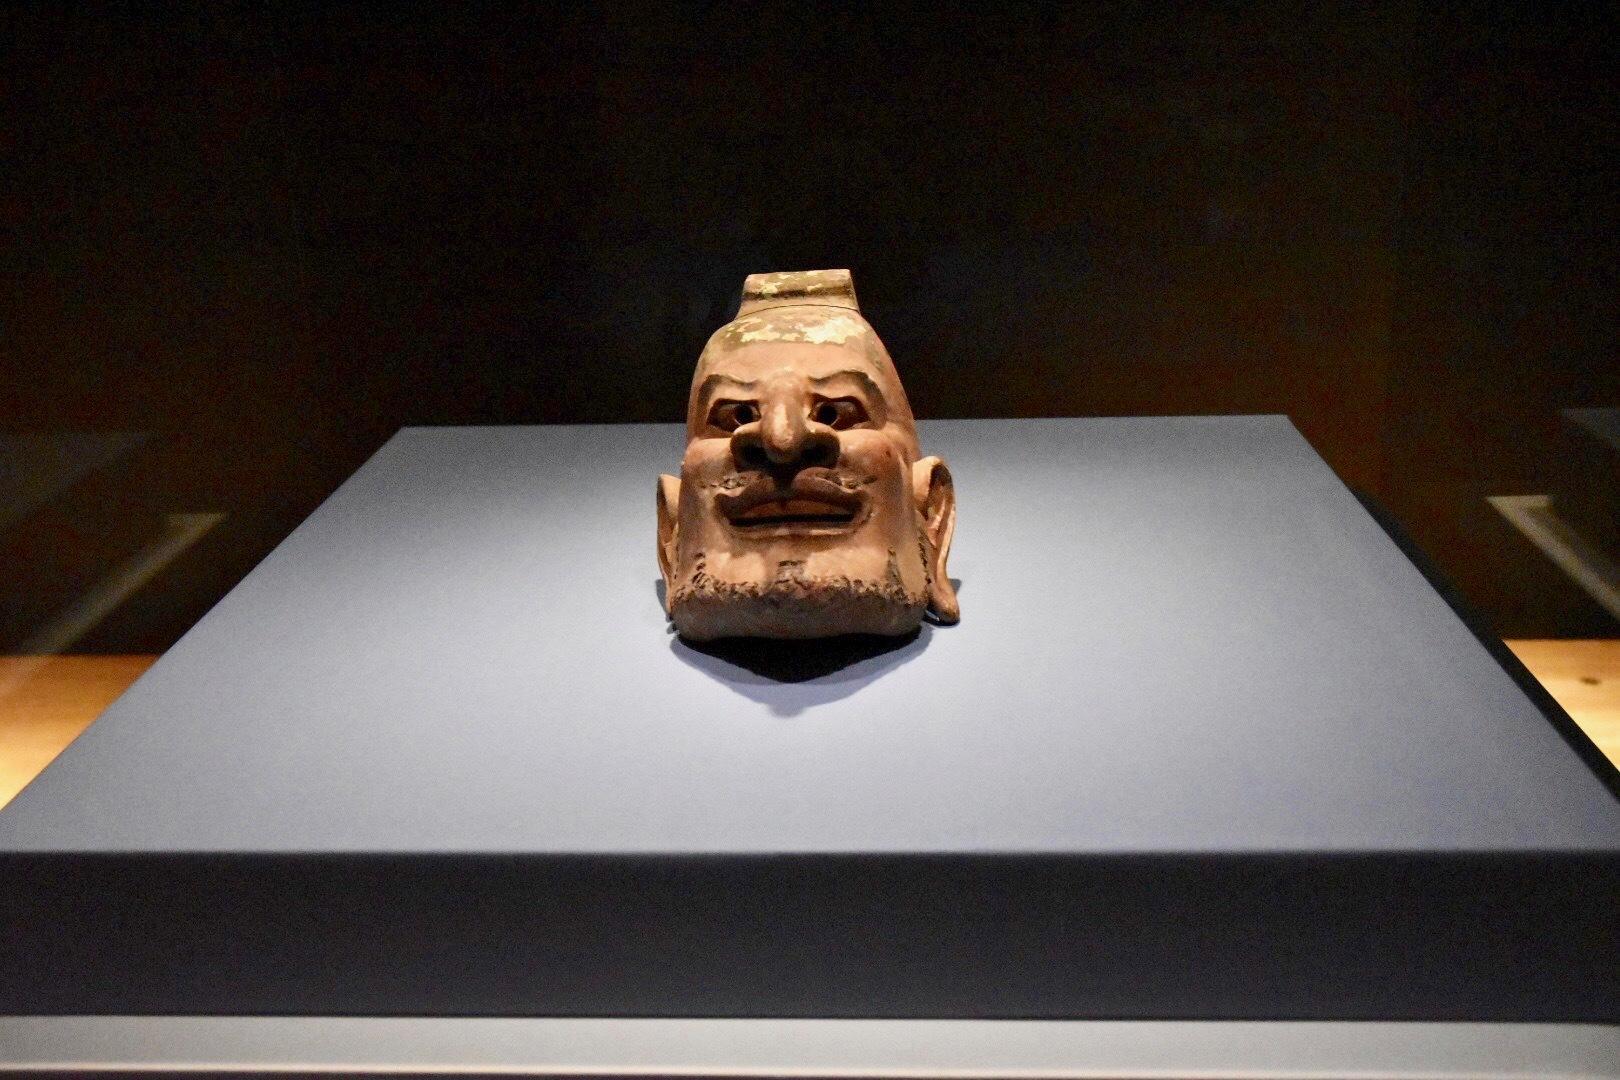 正倉院宝物《伎楽面 酔胡王》 奈良時代 8世紀 正倉院蔵 前期展示